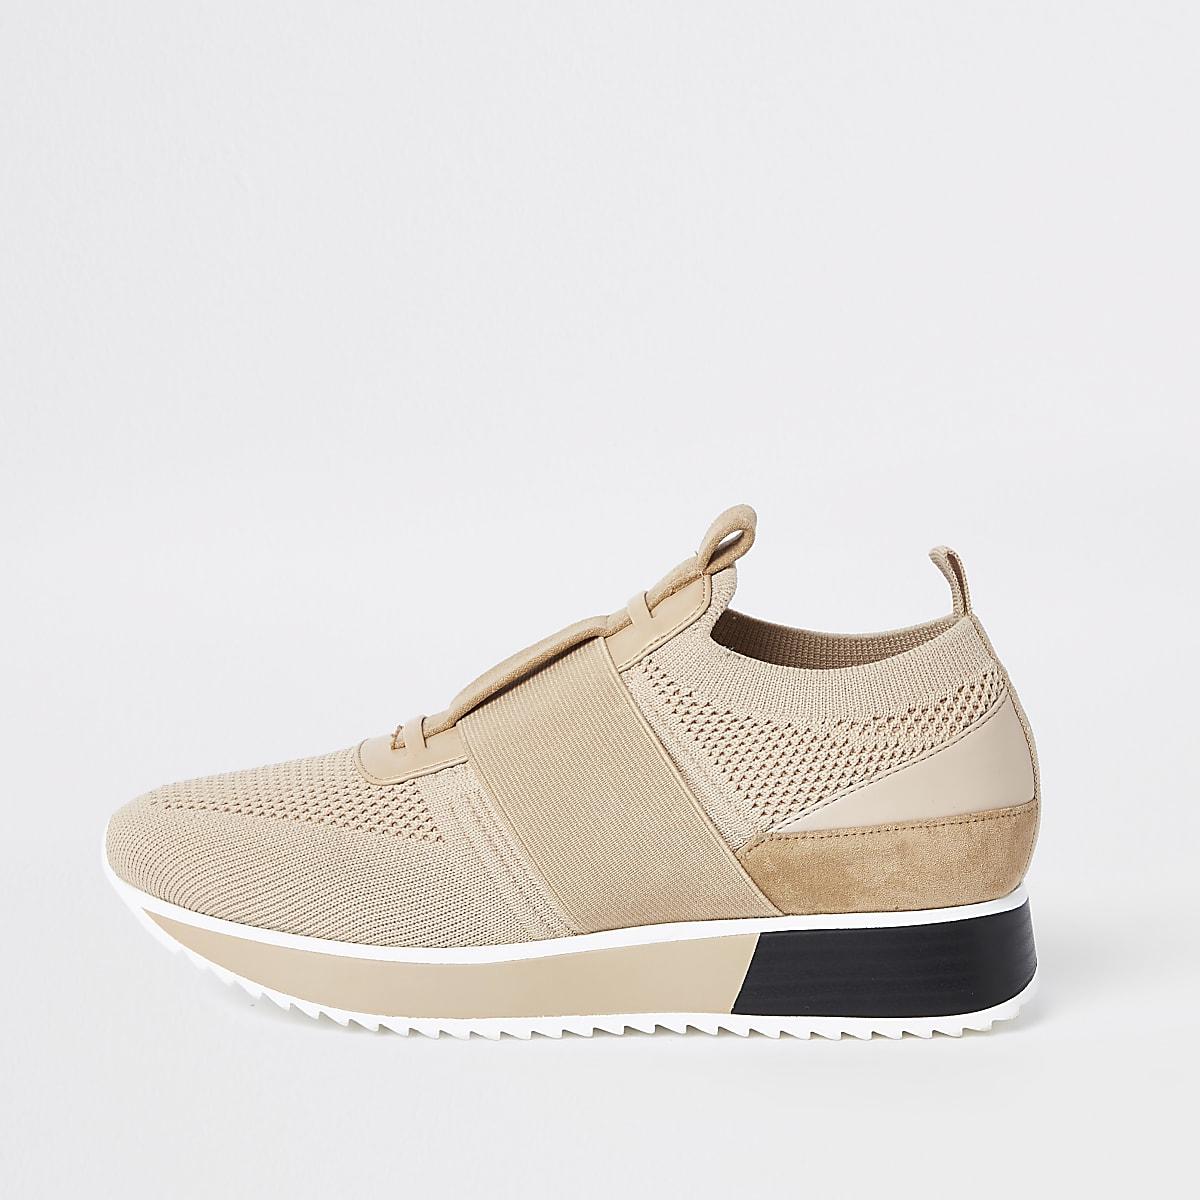 Chaussures de course en maille beige élastiques